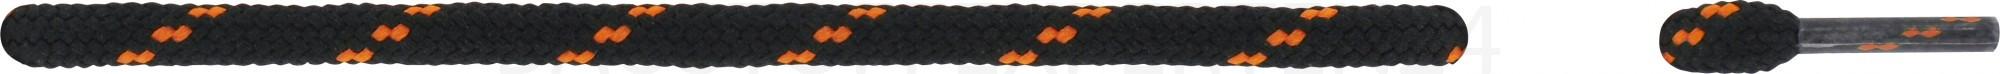 Schnürsenkel, schwarz/orange, rund, extra dick